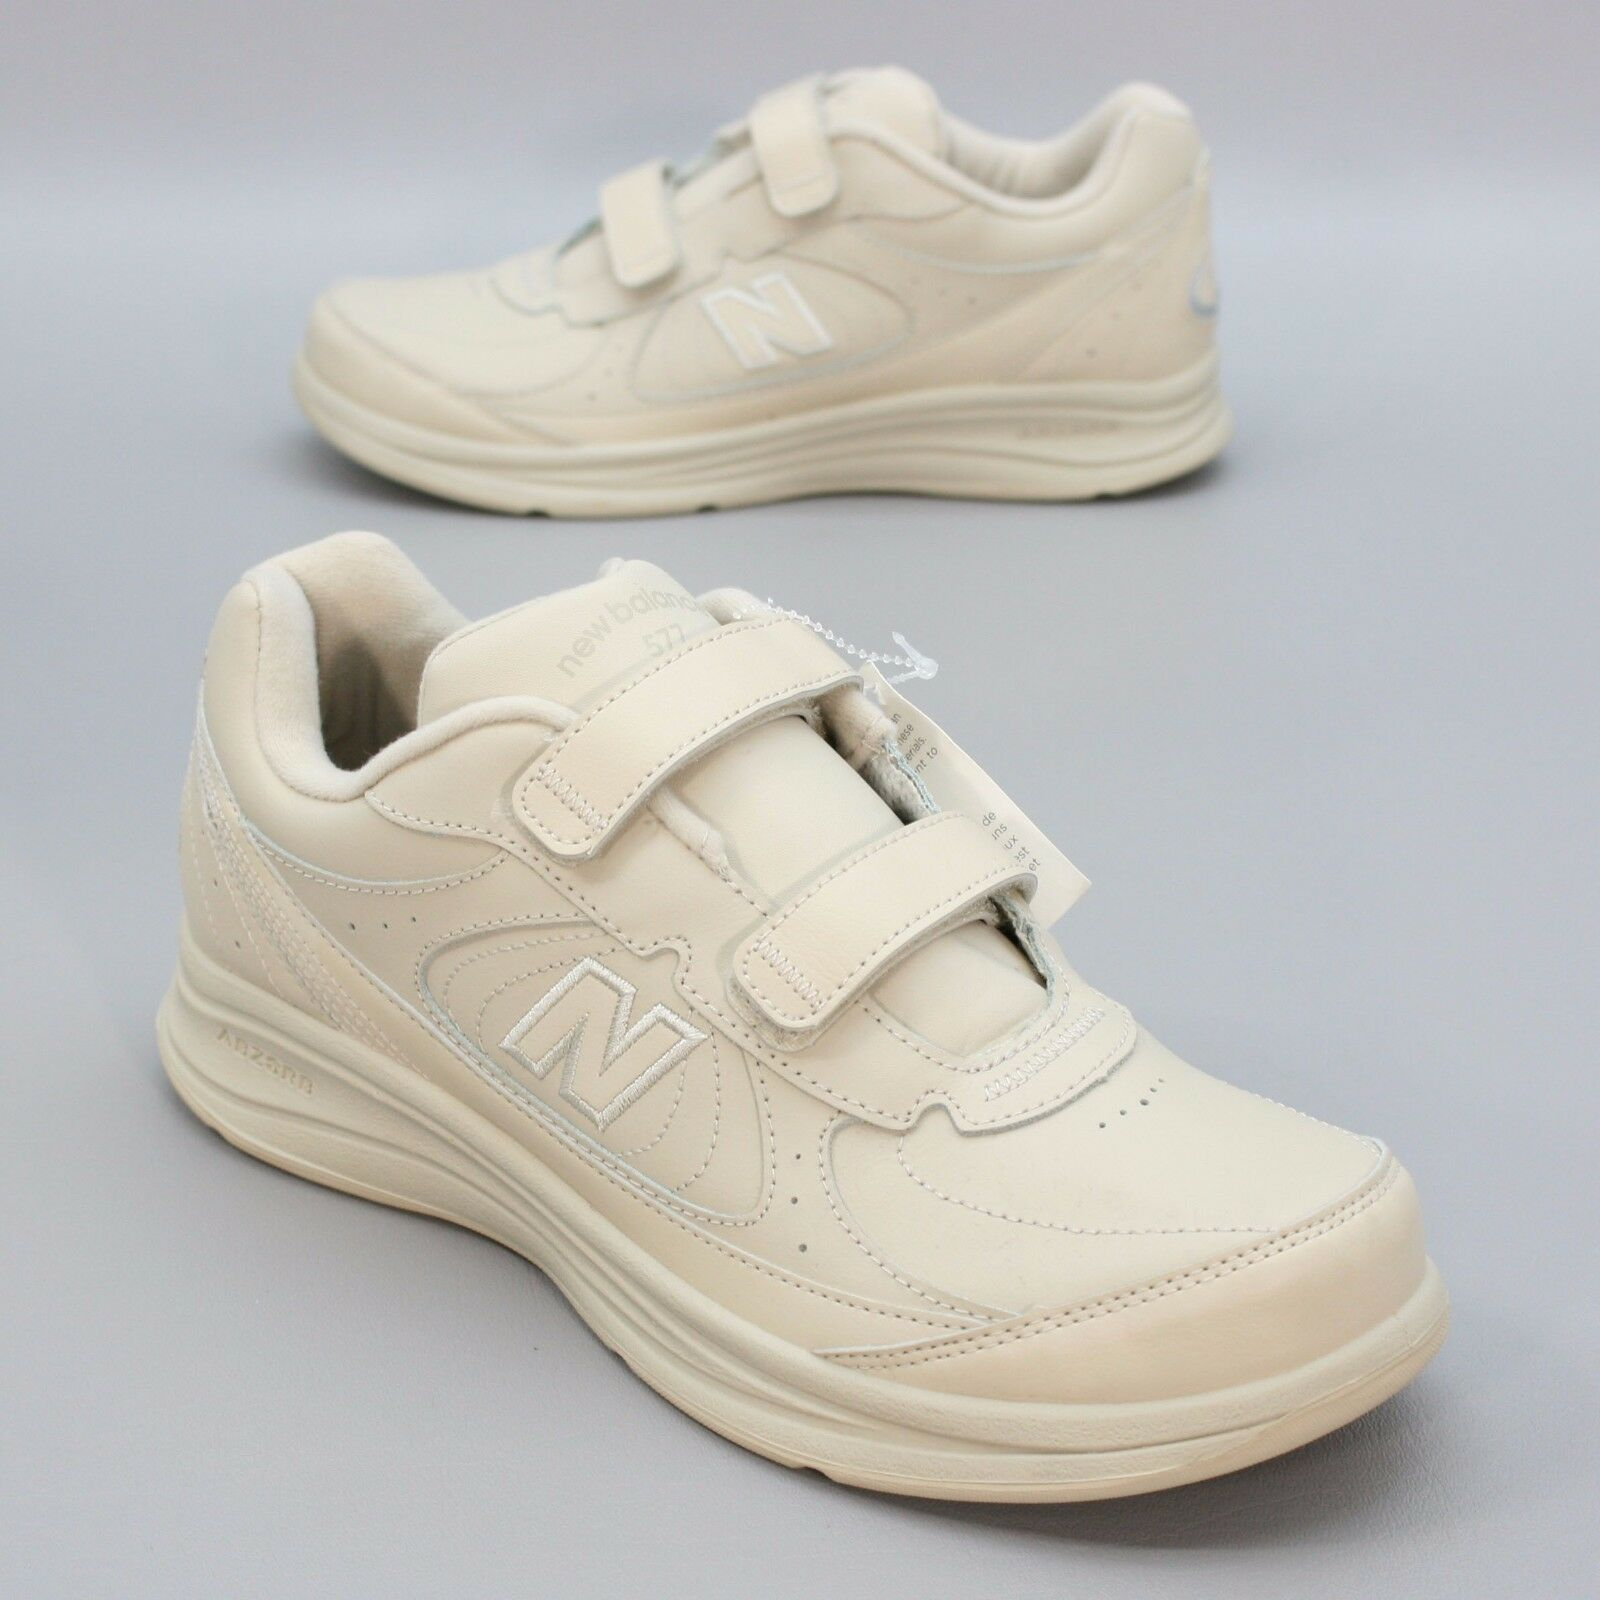 NEW - New Balance 577 Ladies 11 B Hook & Loop Walking DSL-2 Bone Leather Sneaker